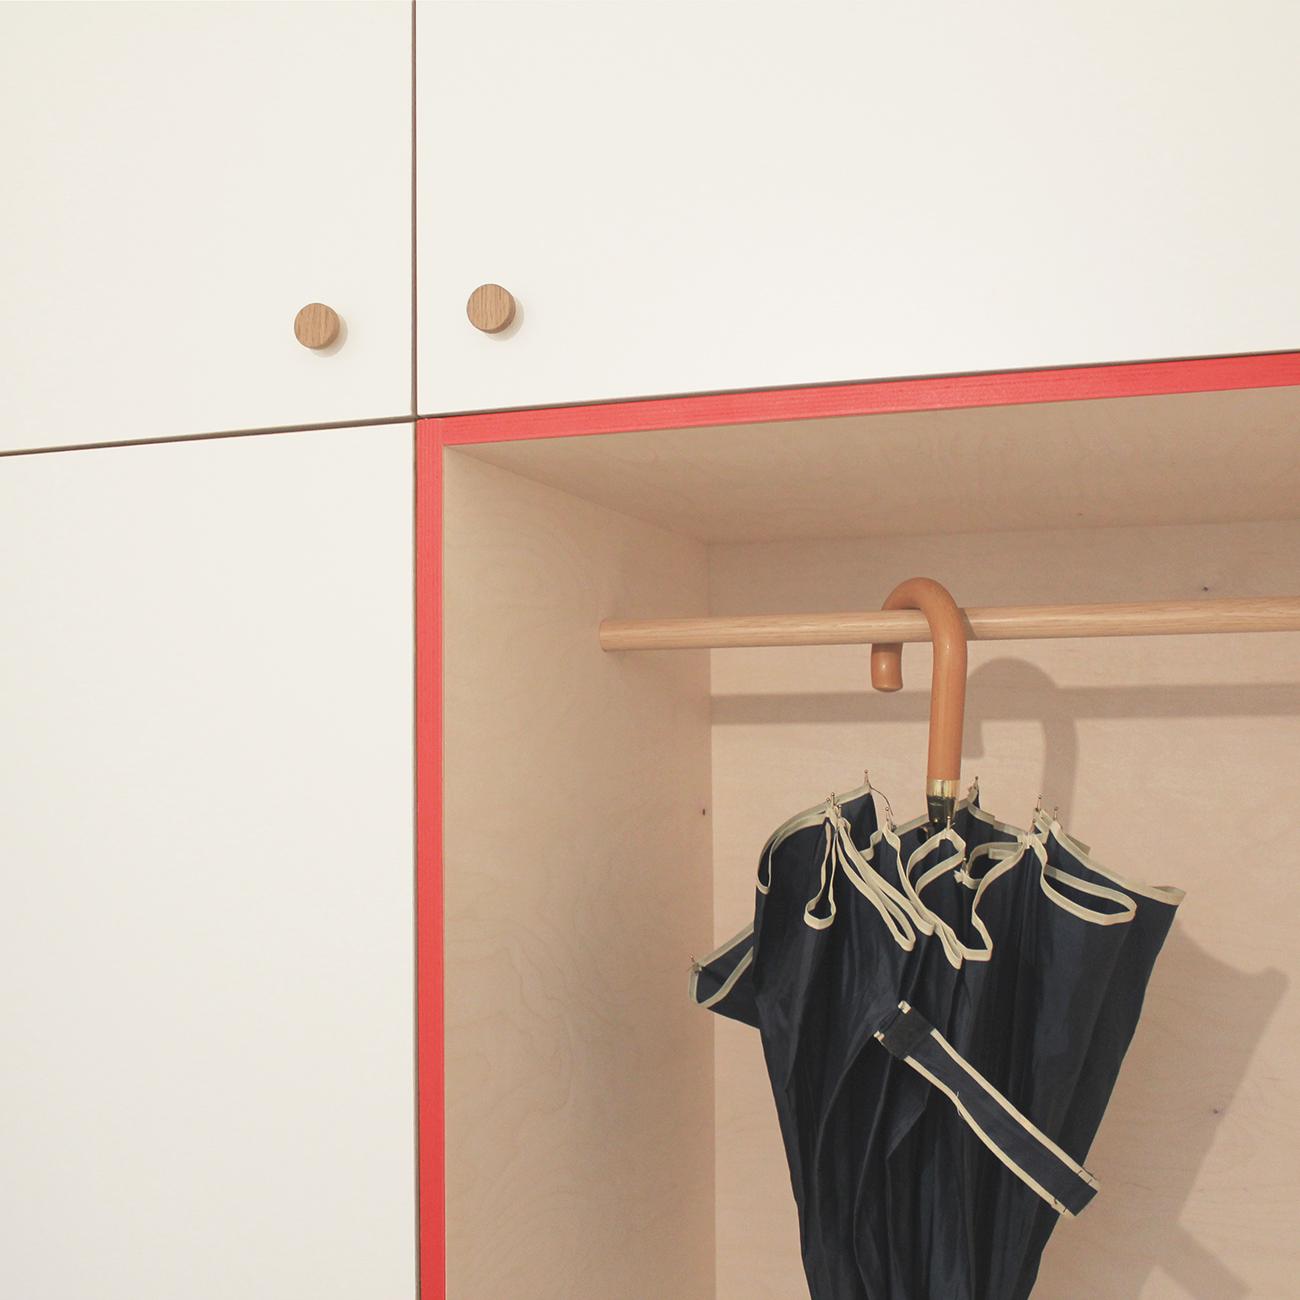 Detailaufnahme einer Garderobe mit pinken Kanten, Schubladen, Kleiderstange und Oberschränken.